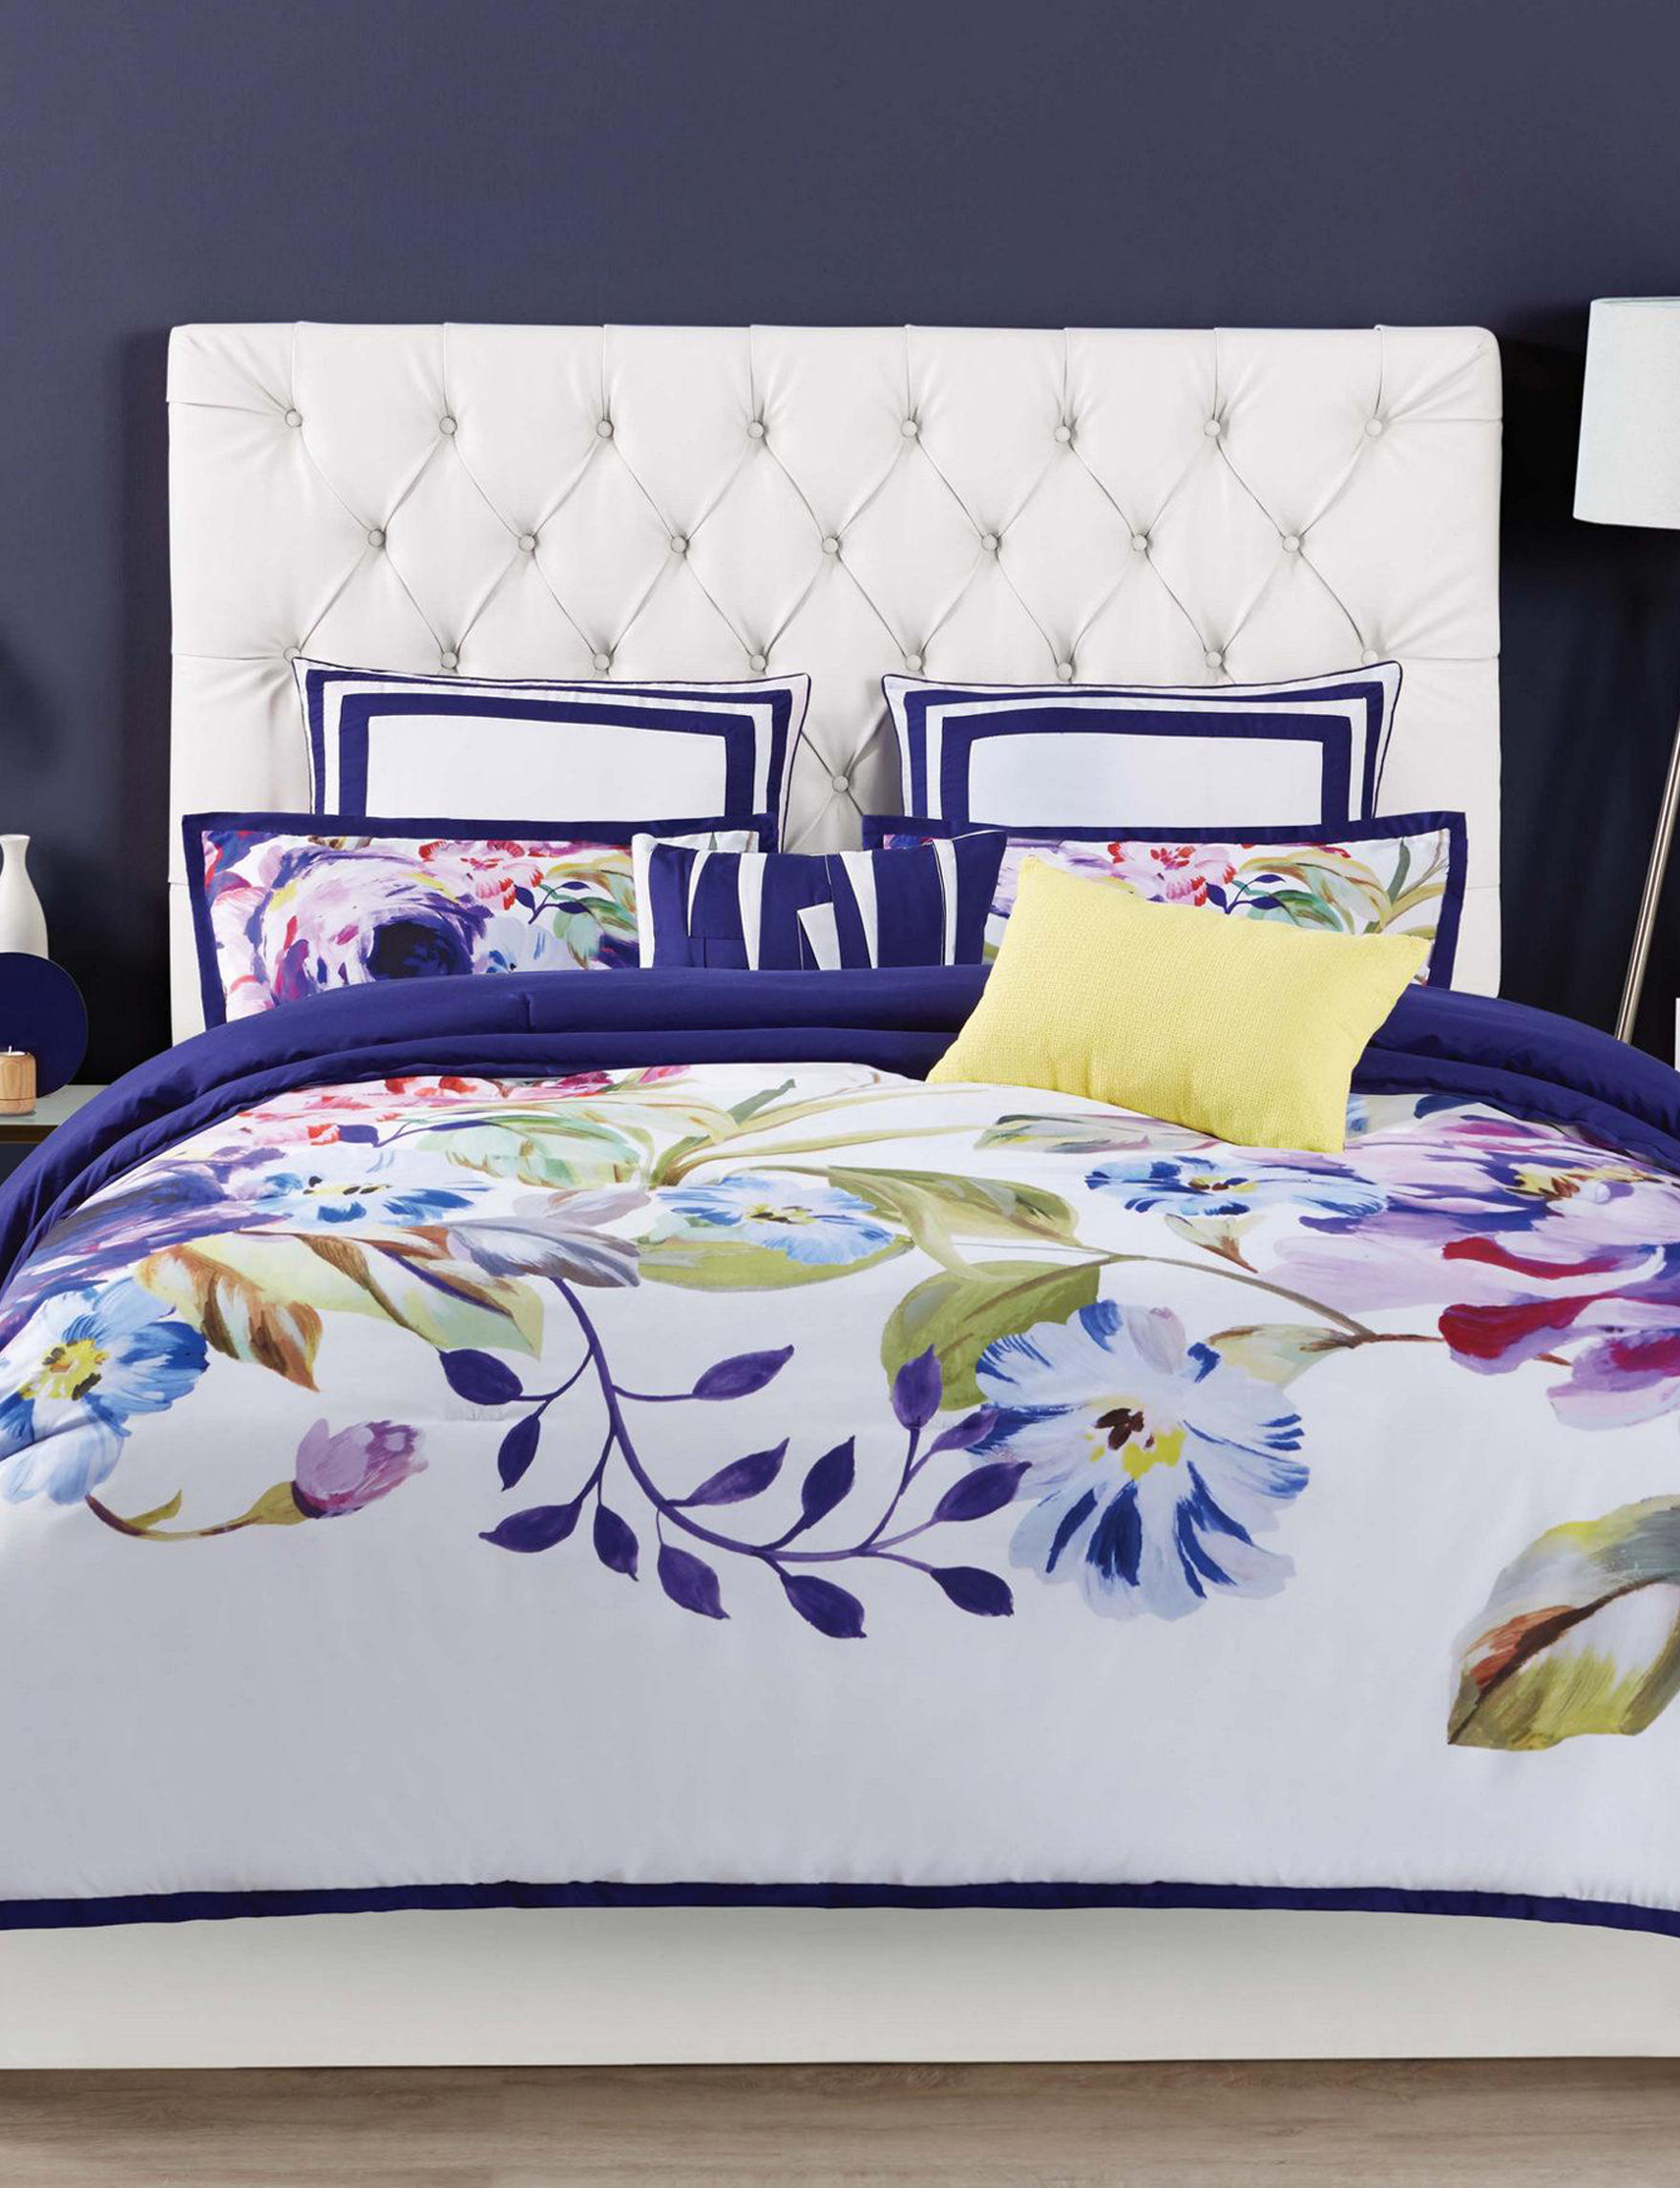 Christian Siriano White Decorative Pillows